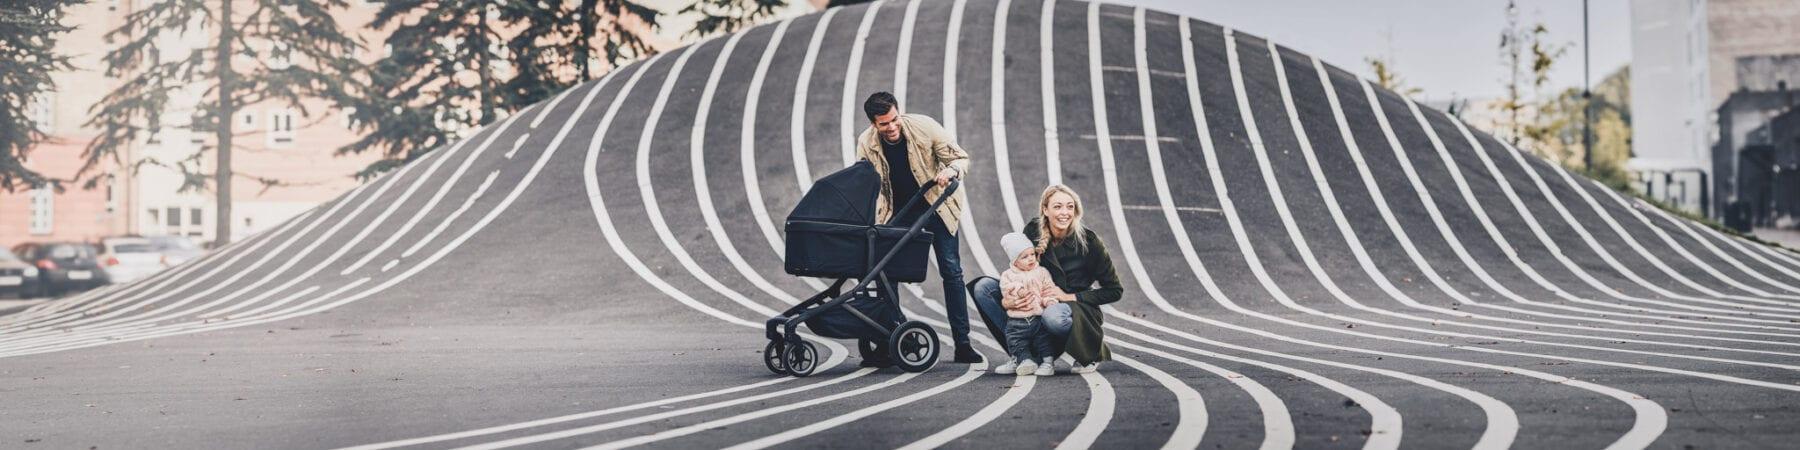 Thule Sleek kinderwagen familie